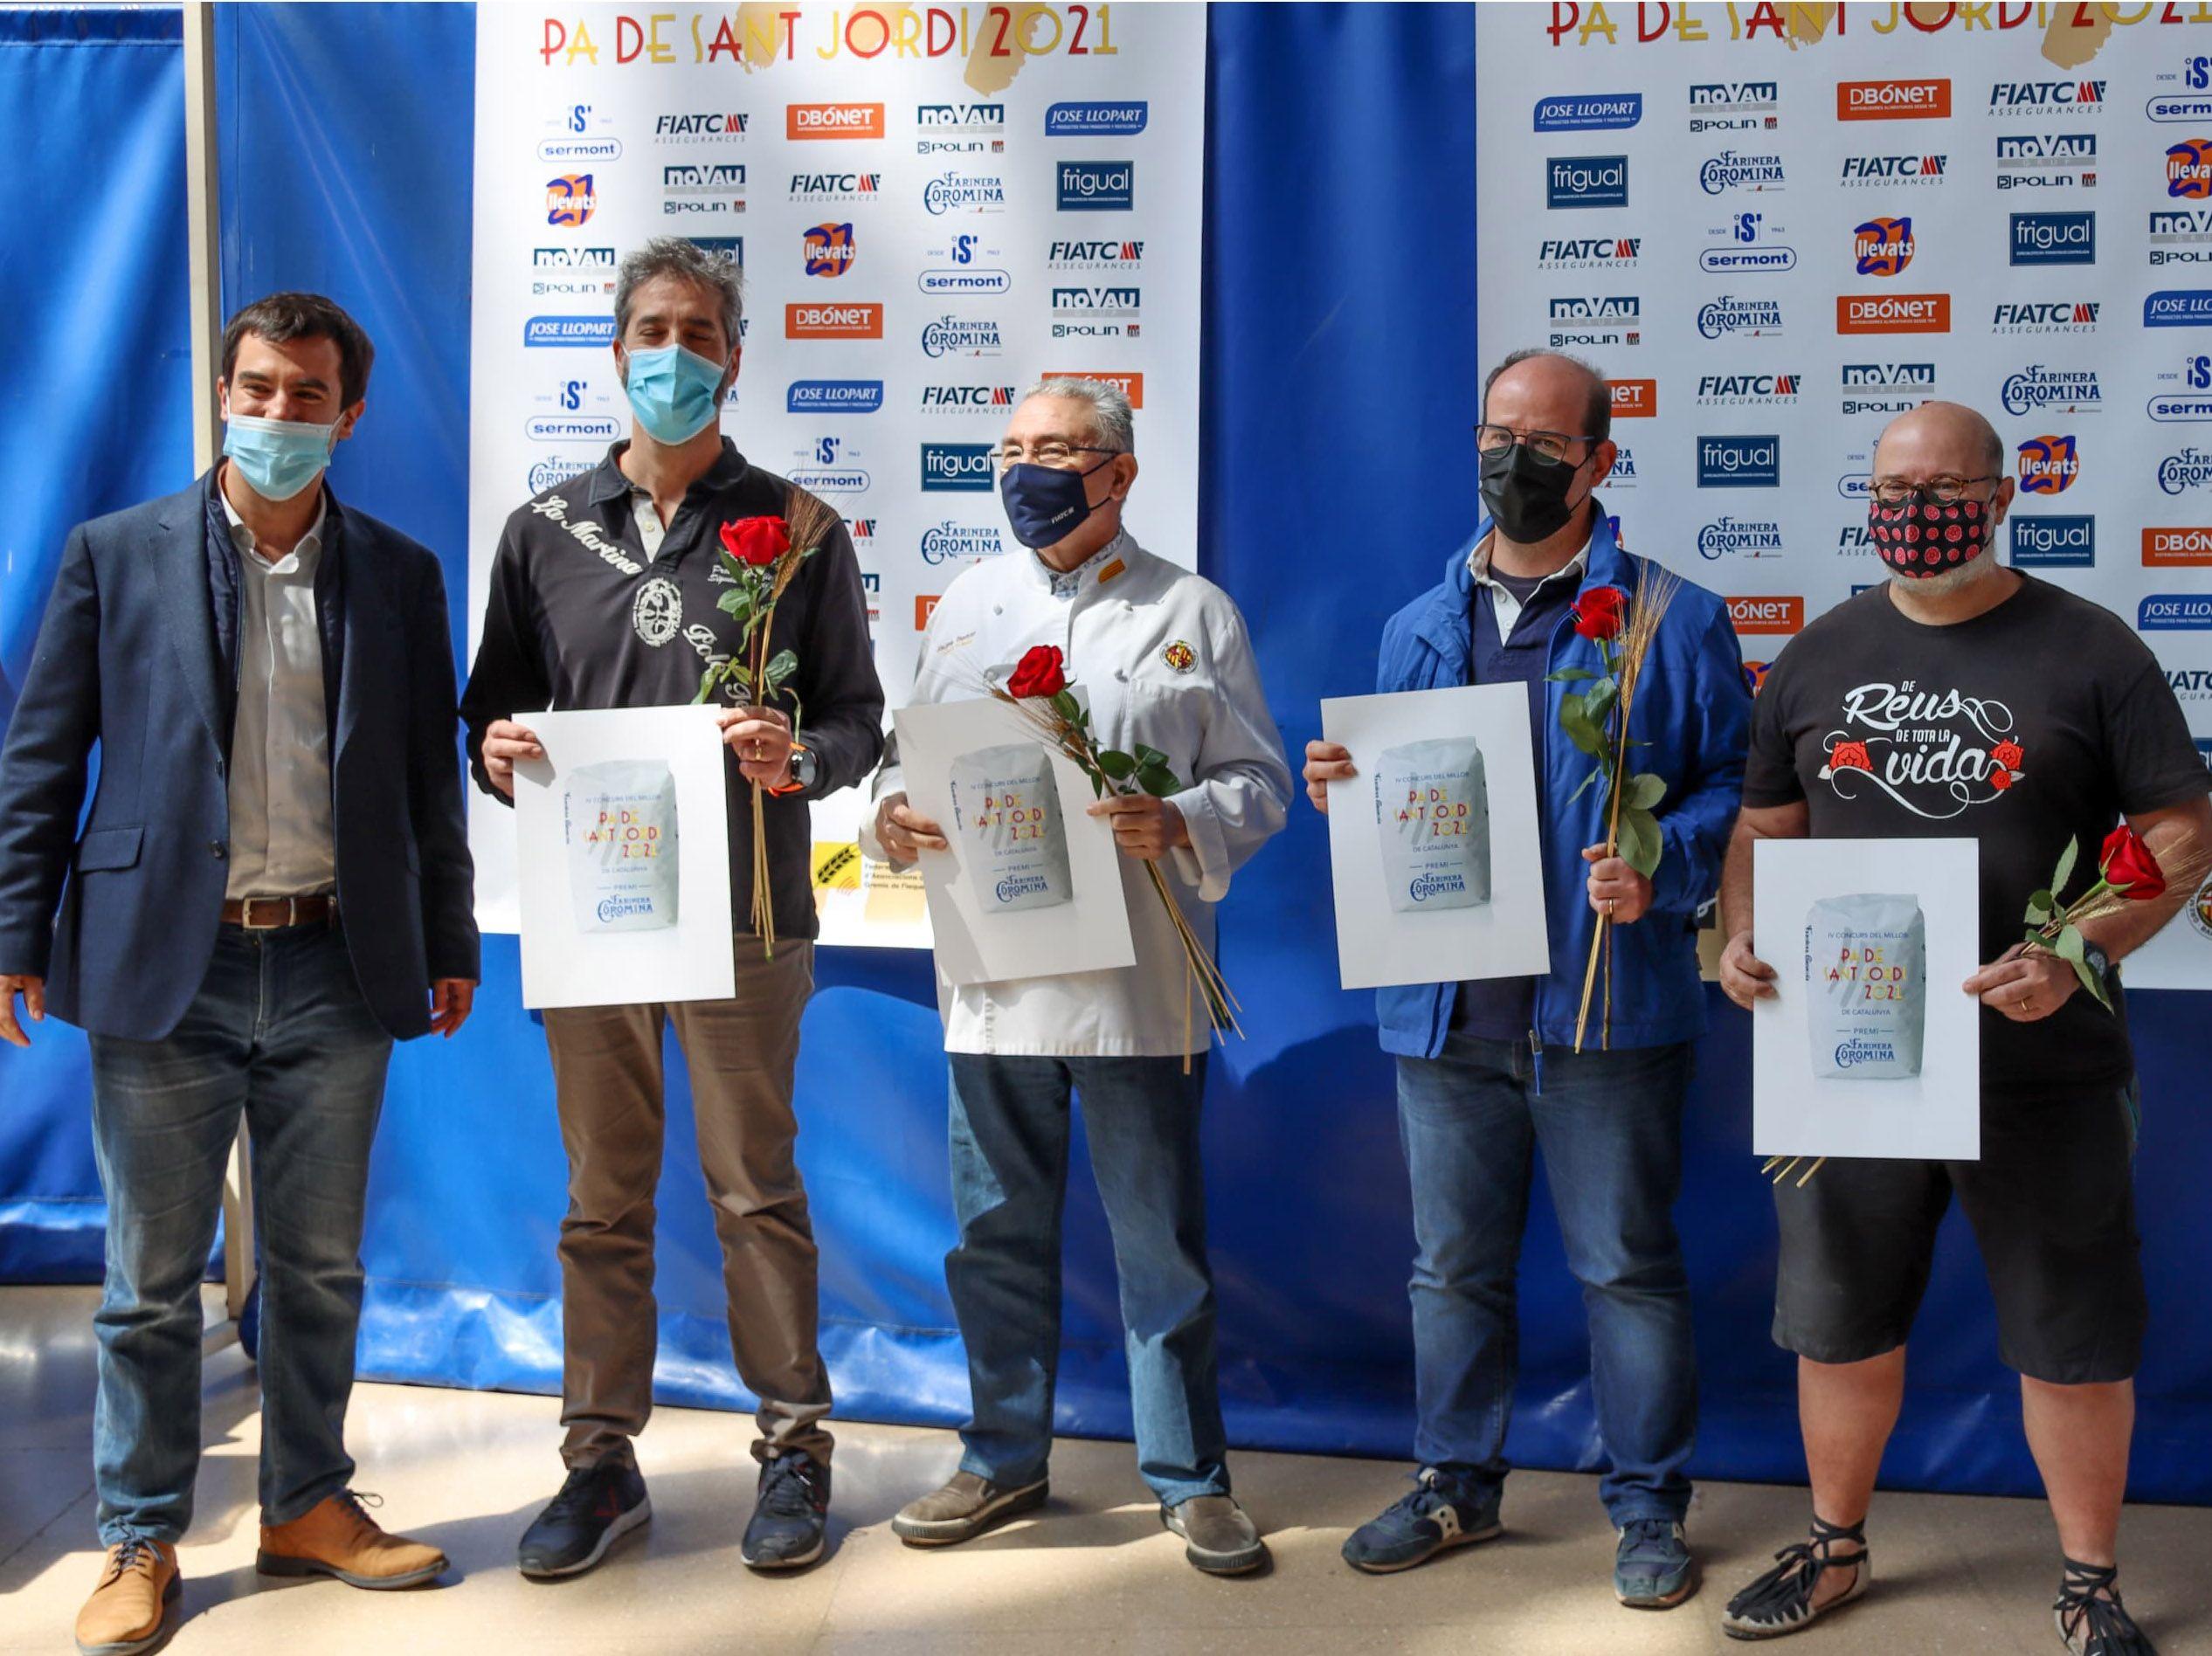 Ganadores del concurso Millor Pa de Sant Jordi de Catalunya 2021